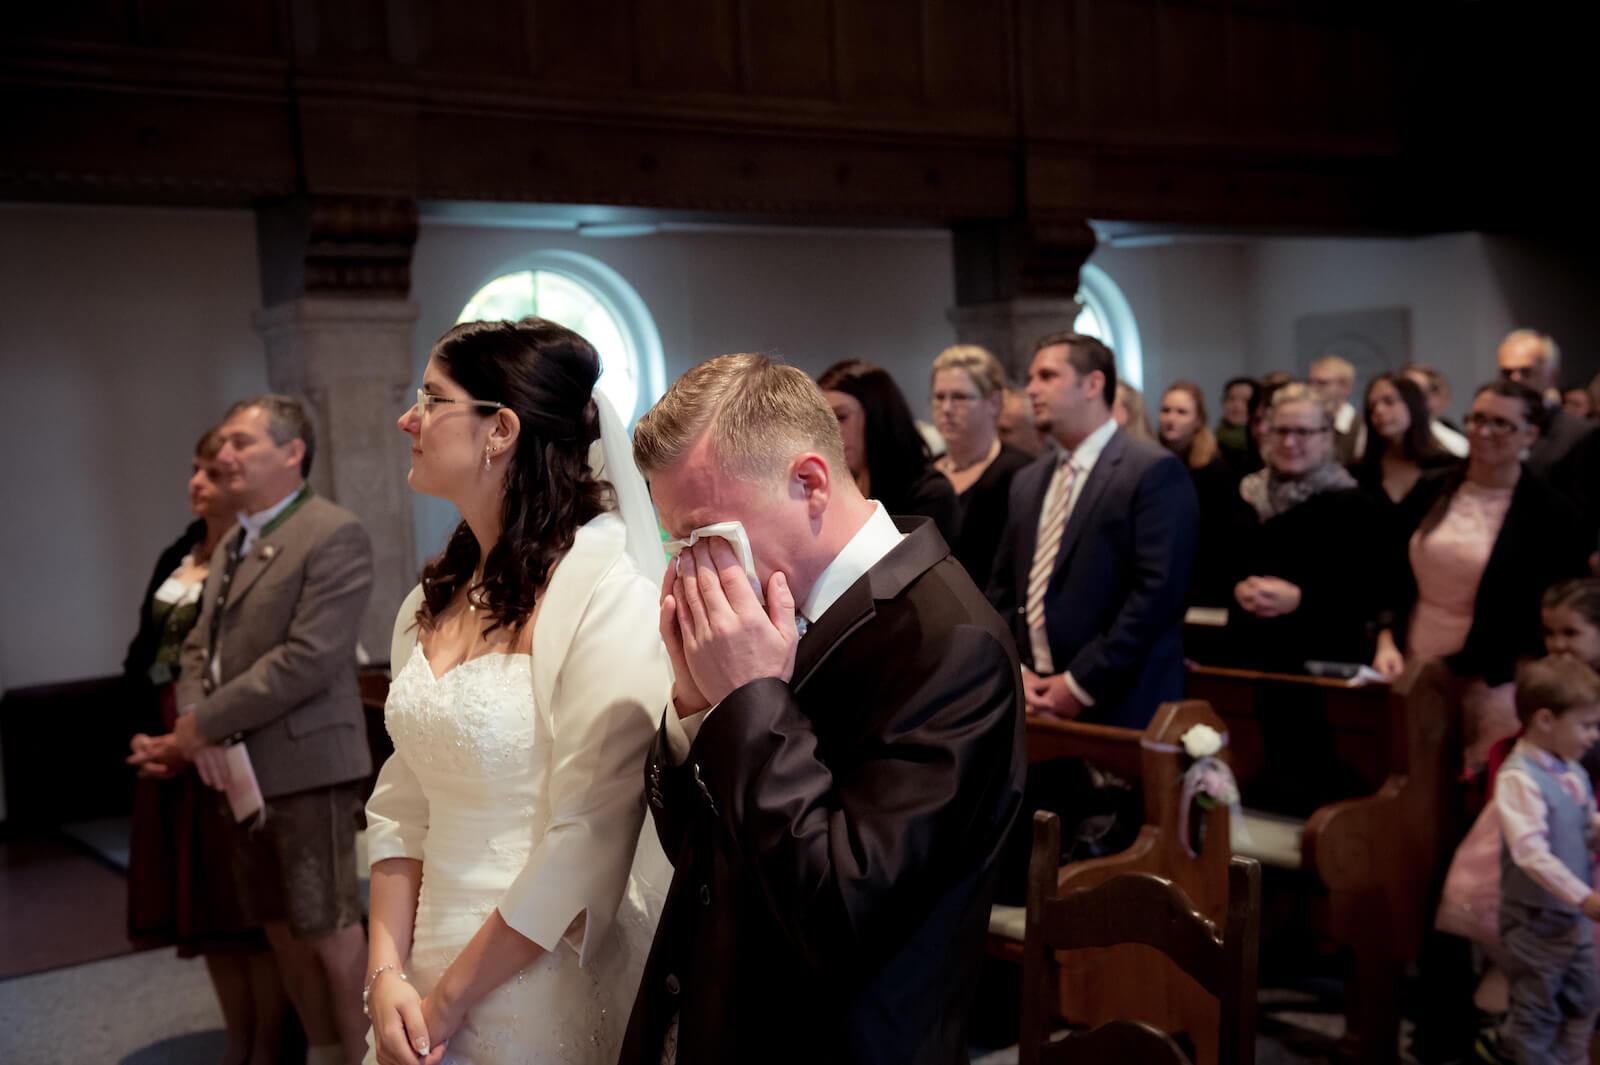 kirchliche Trauung in Landsberg - Bräutigam weint in der Kirche